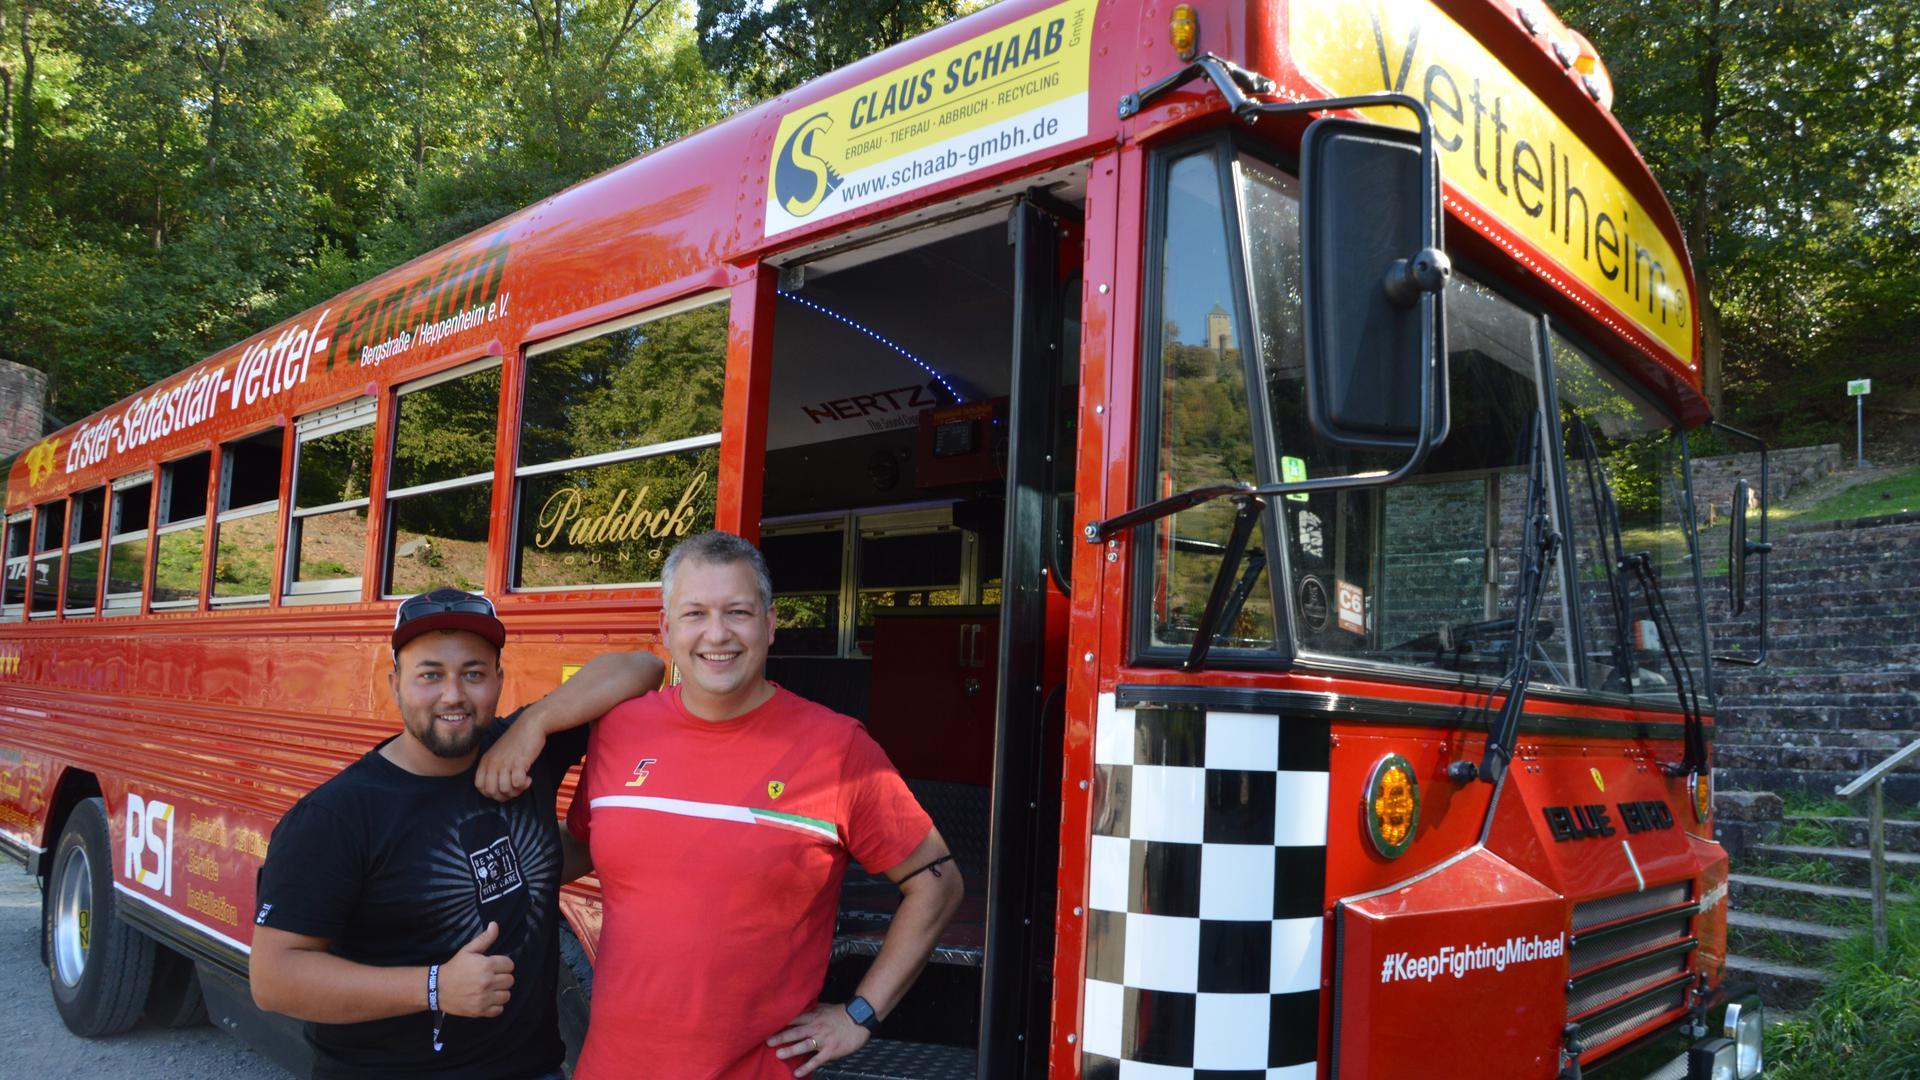 """Vettel-Fanbus mit Aufschrift """"Vettelheim"""" und den beiden Fanclub-Vorsitzenden Toni Nicklisch und Matthias Bendt."""